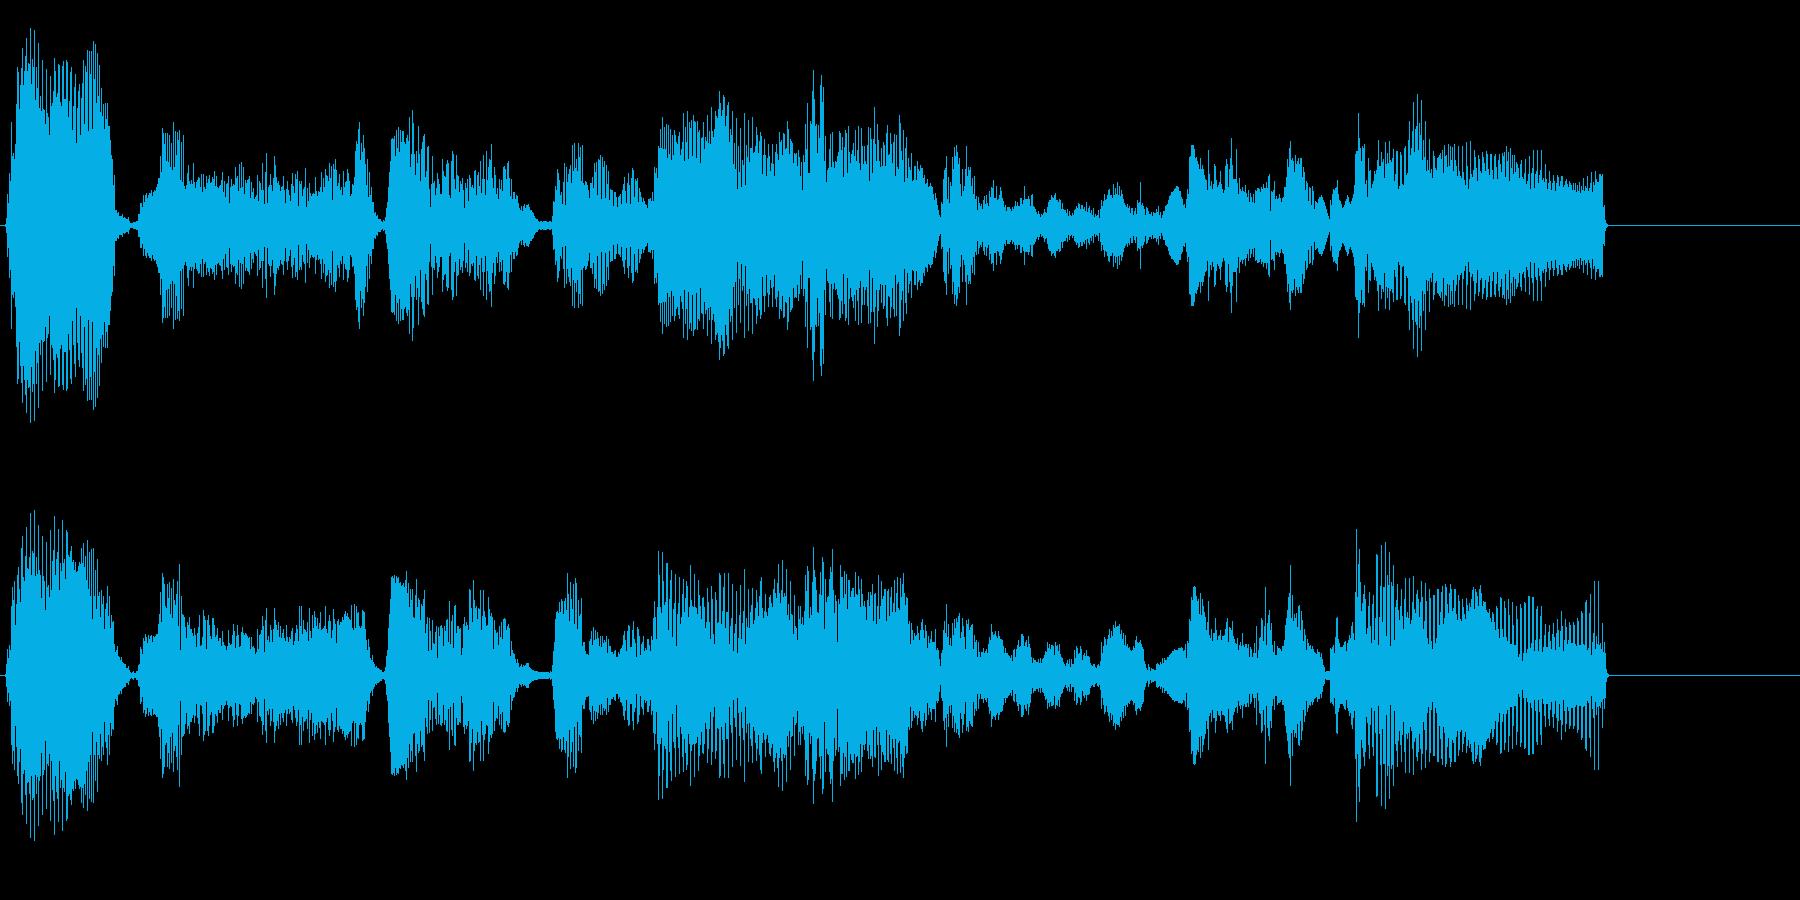 エレクトリックピアノの落ち着いたジングルの再生済みの波形